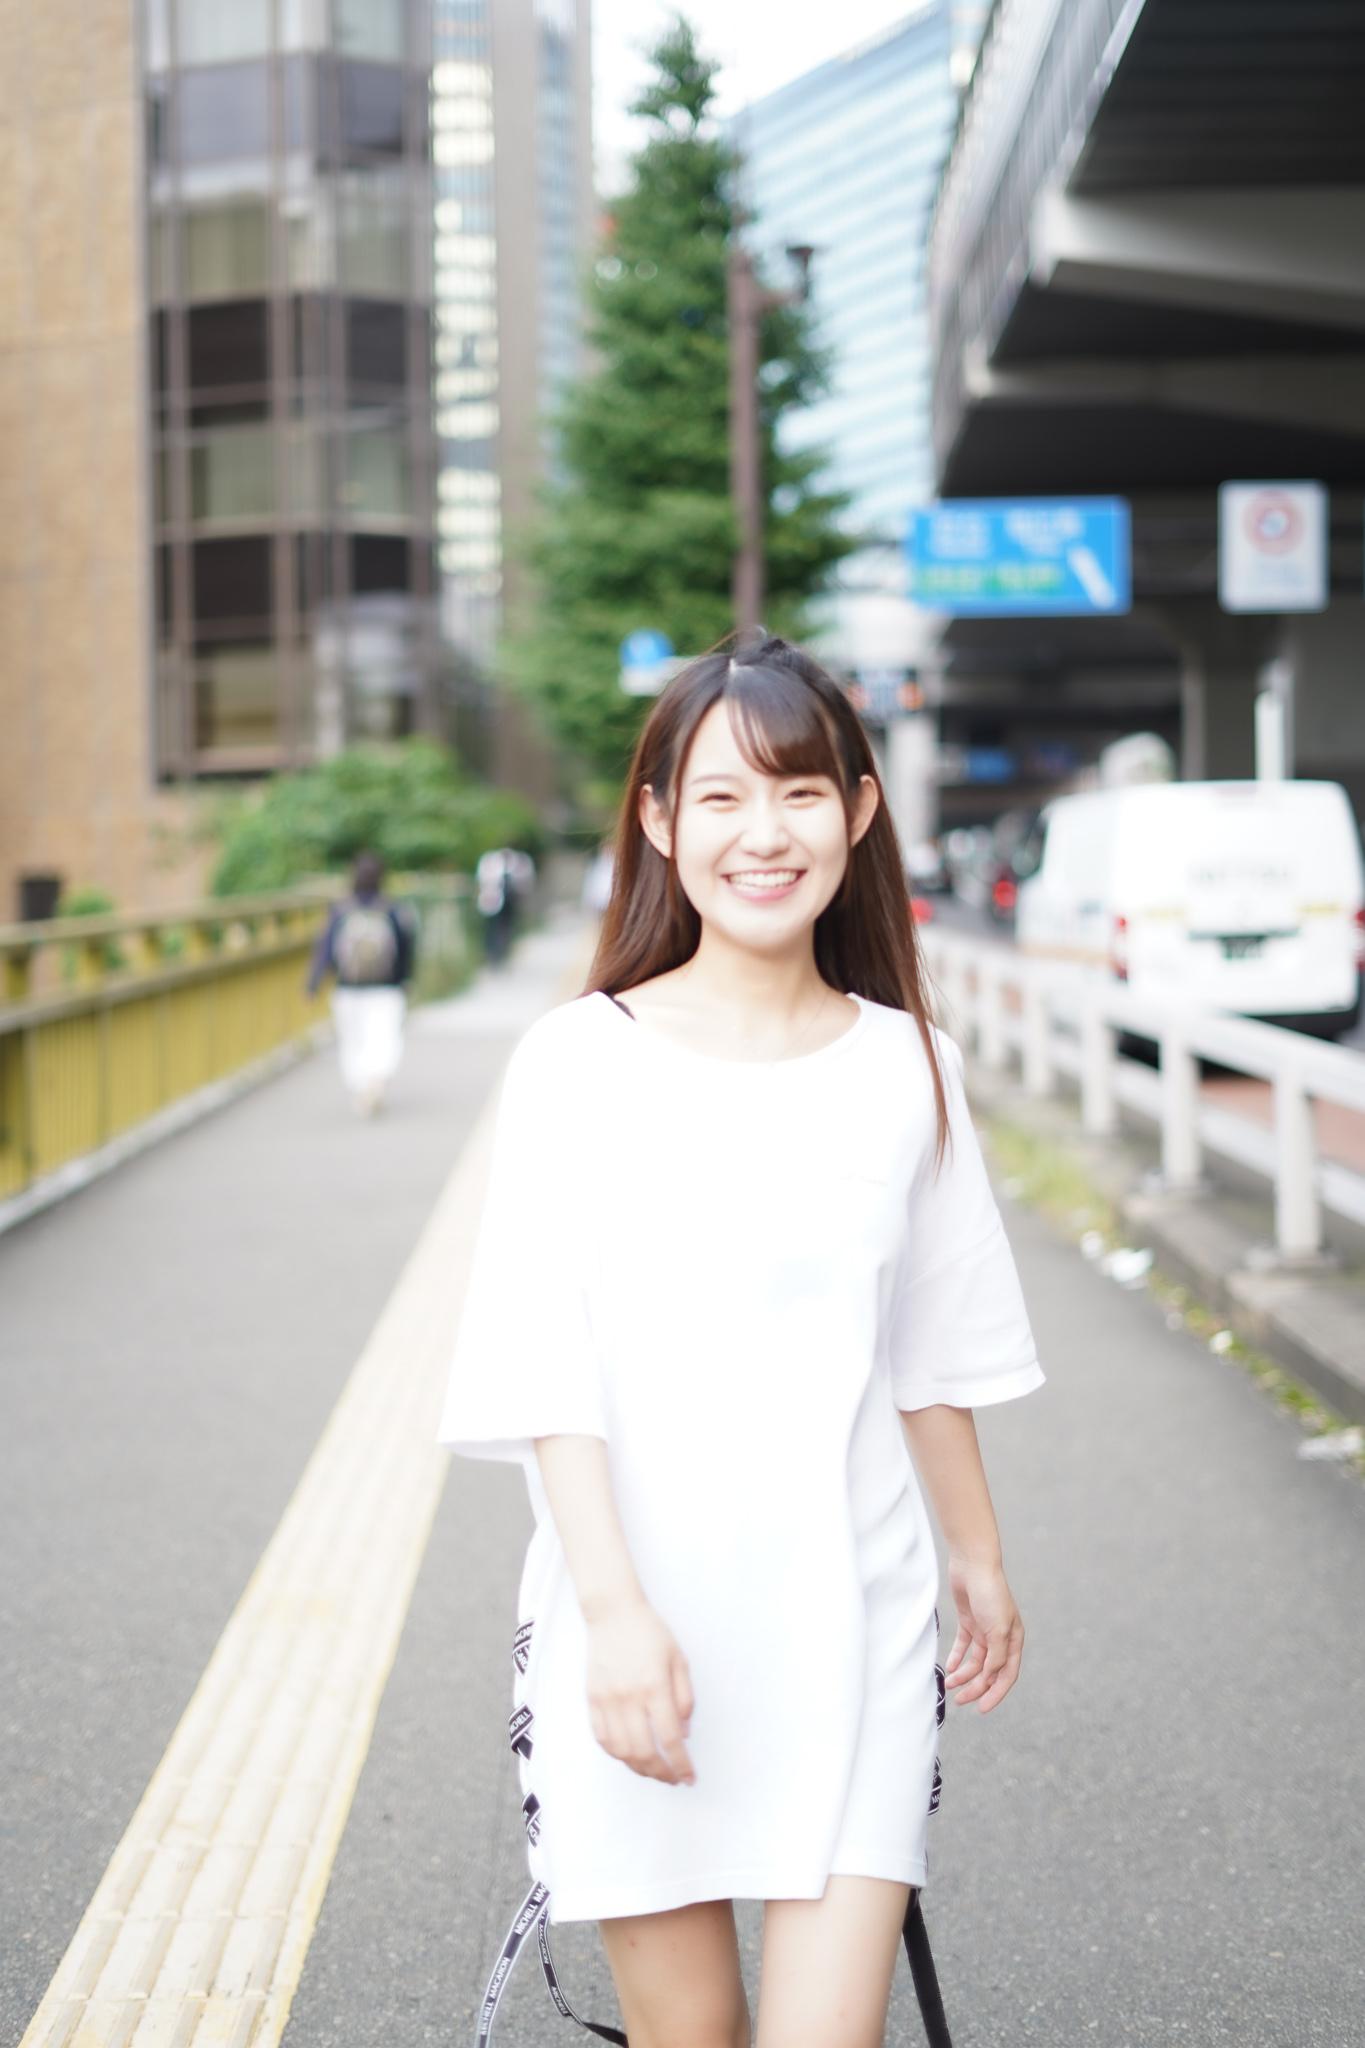 川井 マリア イメージ画像